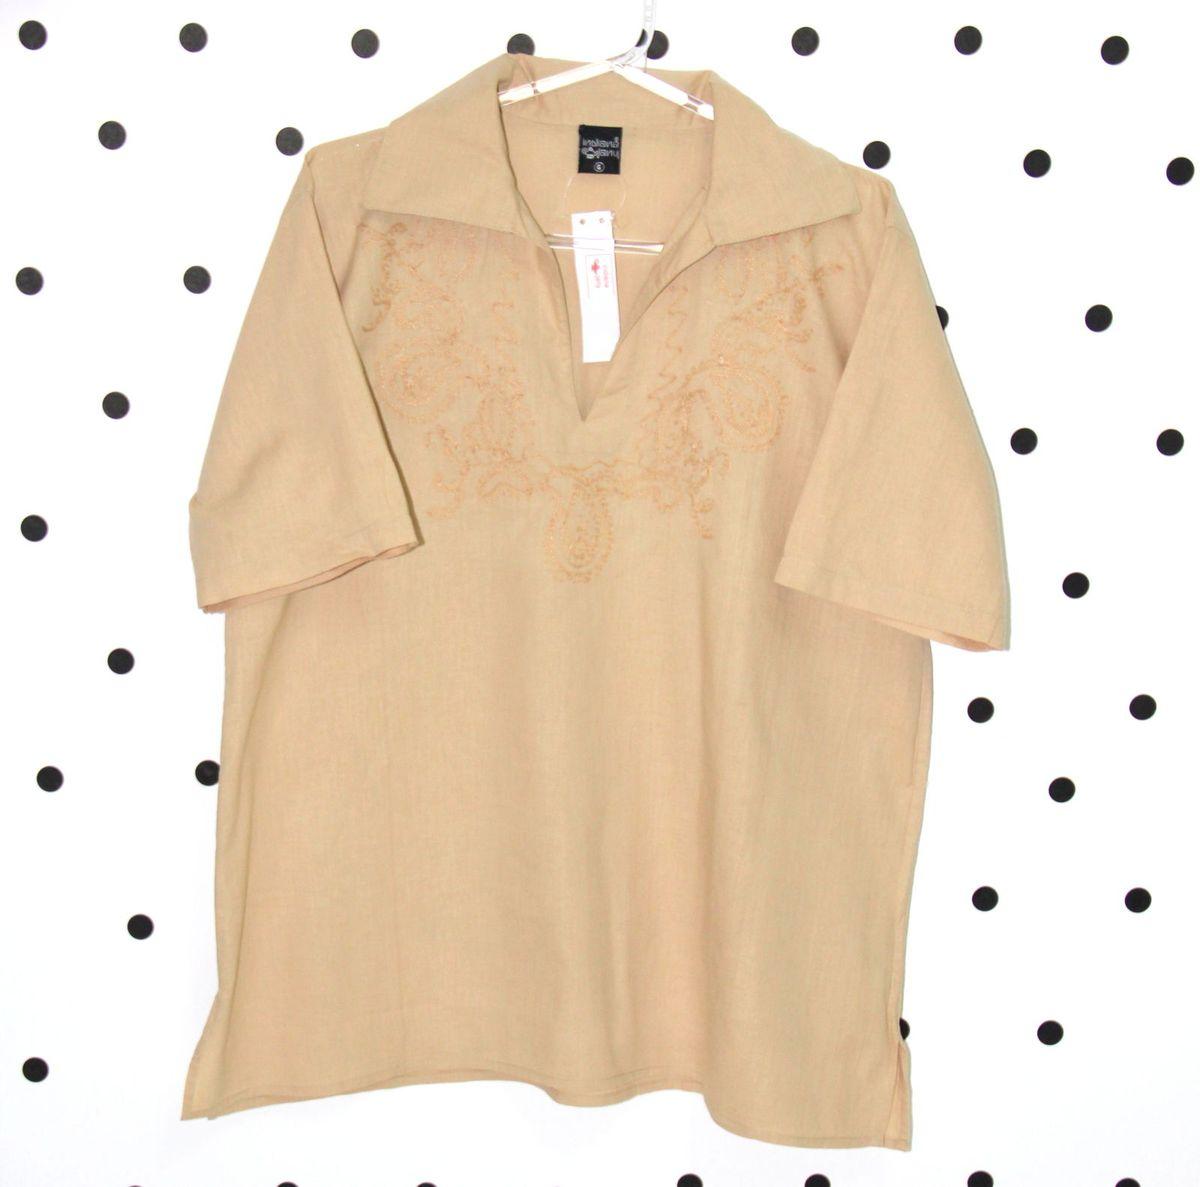 bata indiana masculina - camisas indiana jany.  Czm6ly9wag90b3muzw5qb2vplmnvbs5ici9wcm9kdwn0cy8ymzmwmtyvntm1yji0mwfimdgyztm5mtzjmzmyztc3zdjhnta1mjiuanbn  ... c03a83964c5cc